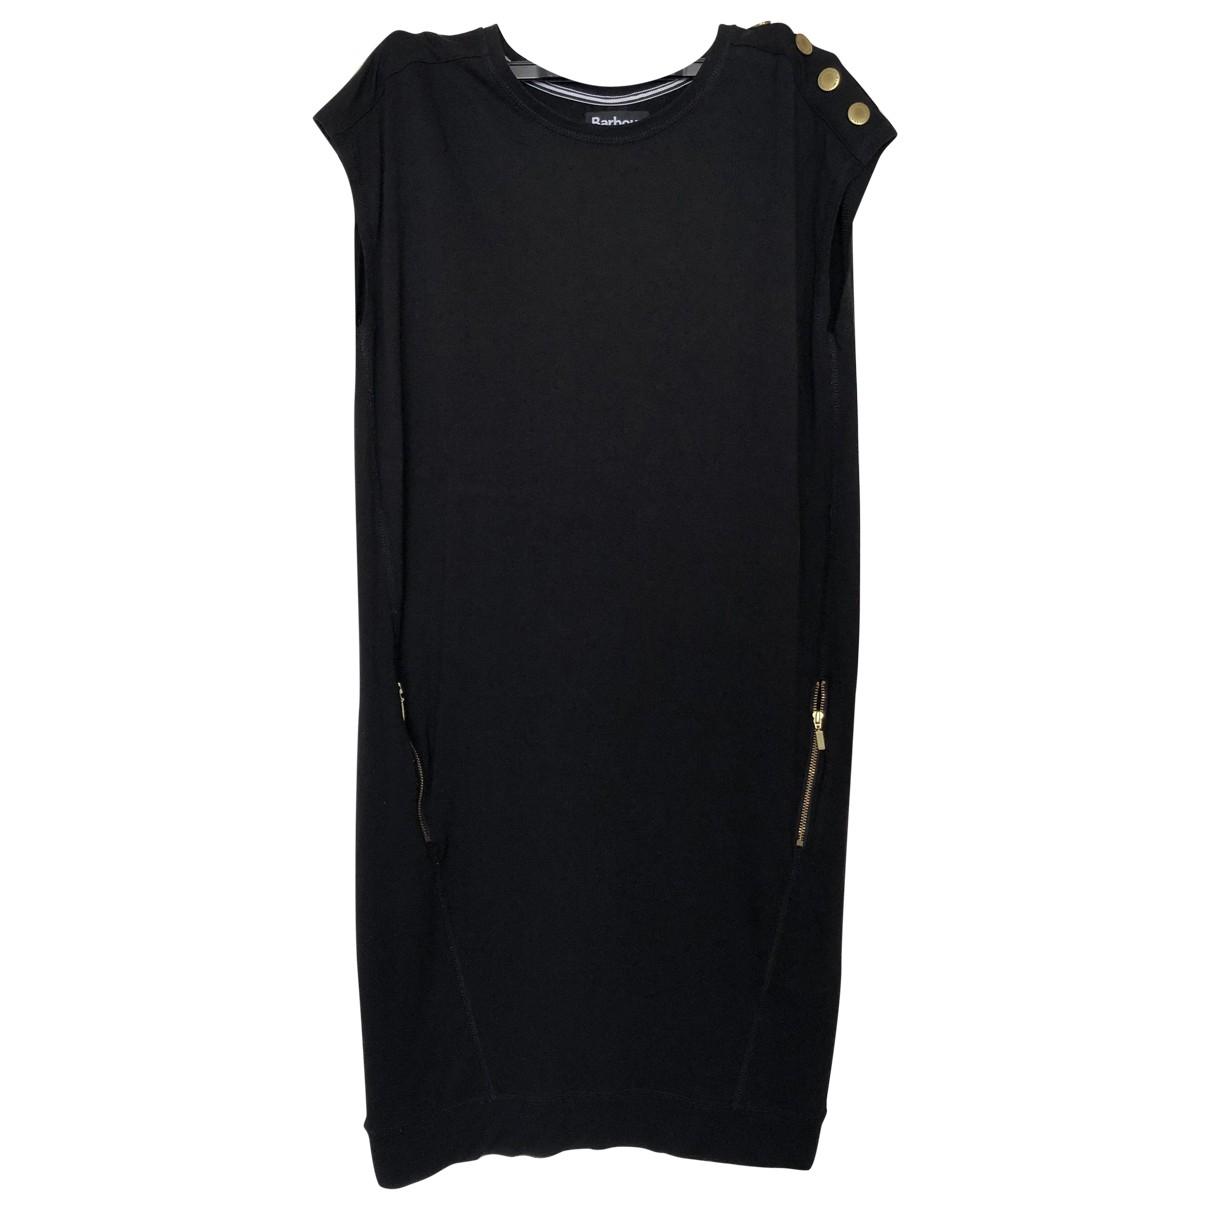 Barbour \N Kleid in  Schwarz Baumwolle - Elasthan